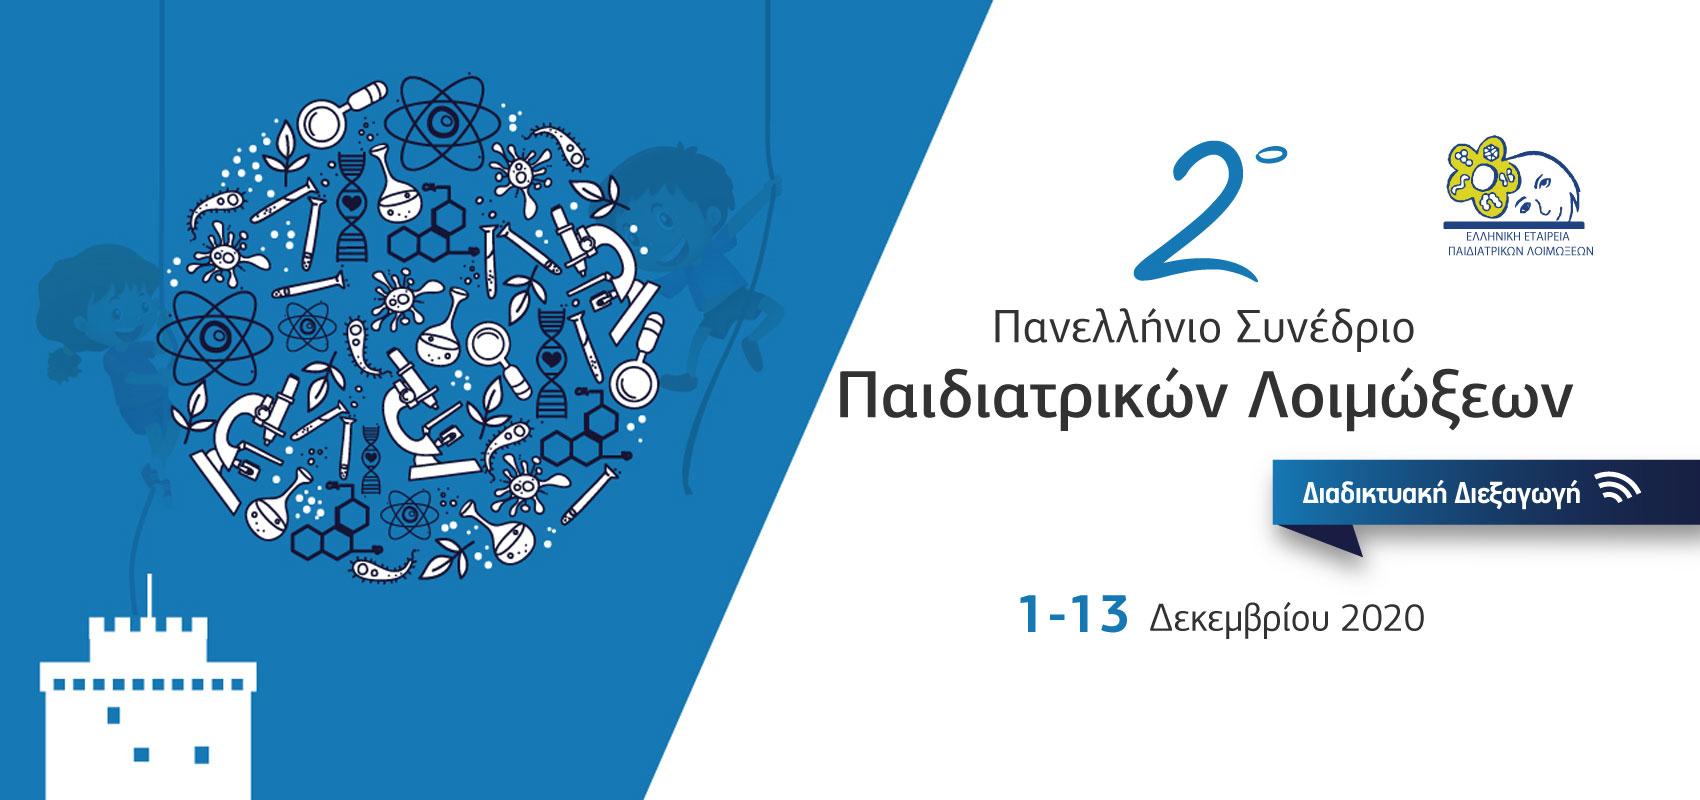 2ο Πανελλήνιο Συνέδριο Παιδιατρικών Λοιμώξεων